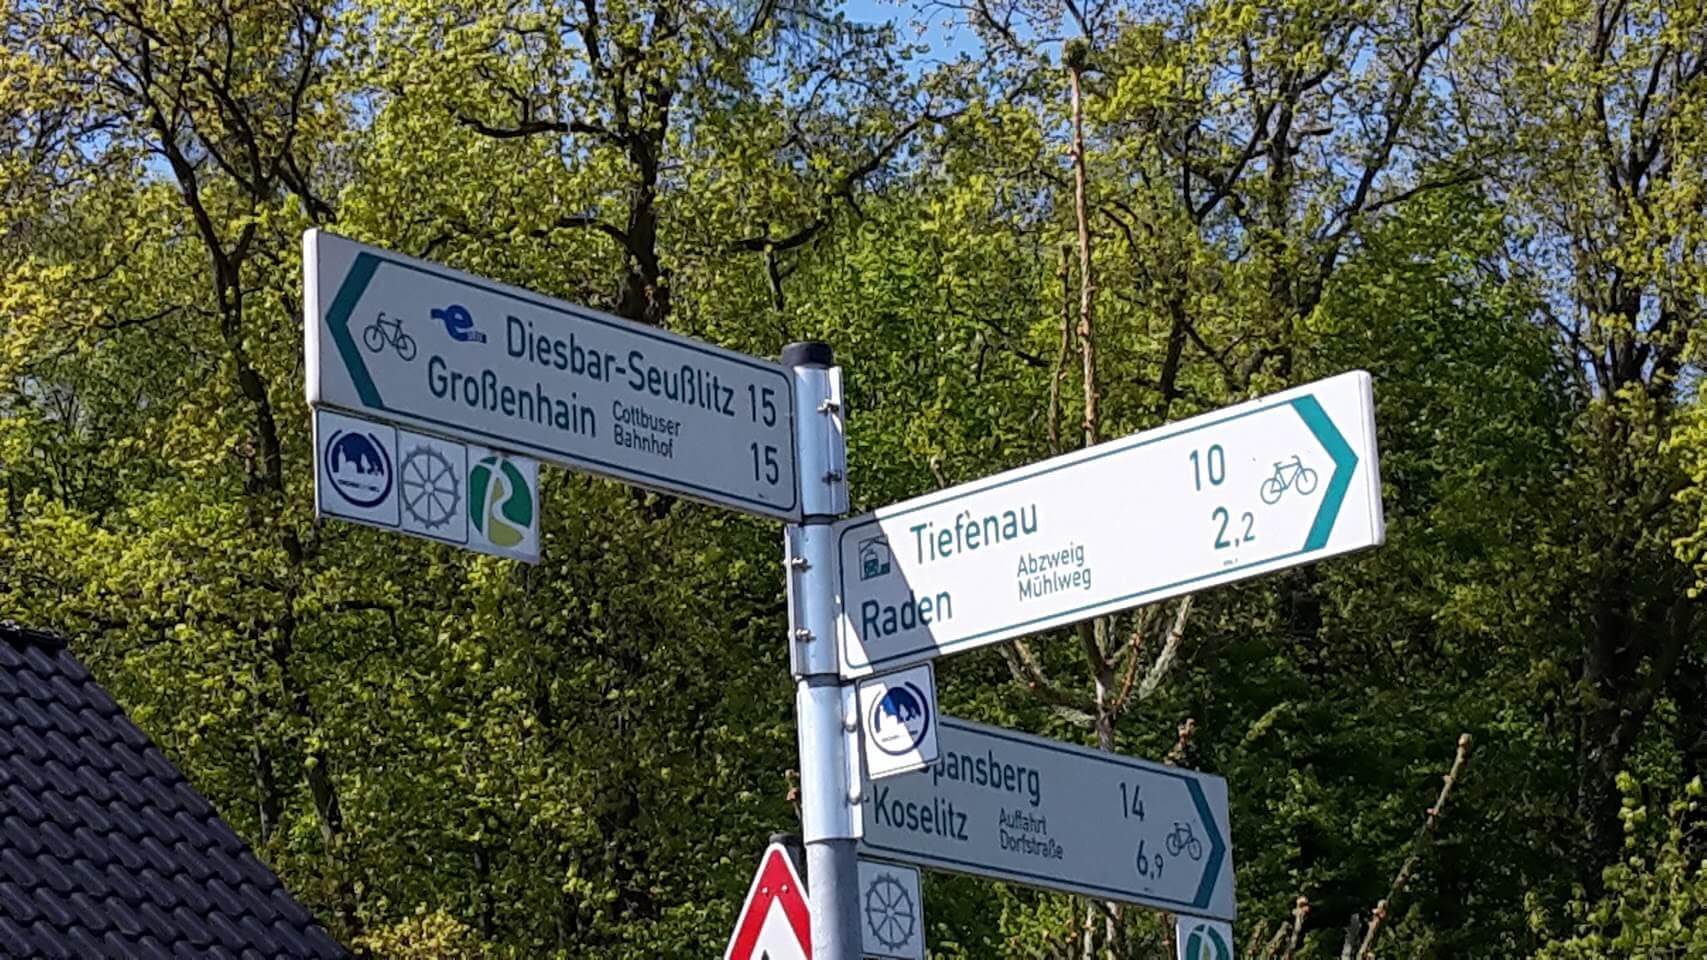 Fachkräftesicherung in Großenhain (c) familienfreund.de